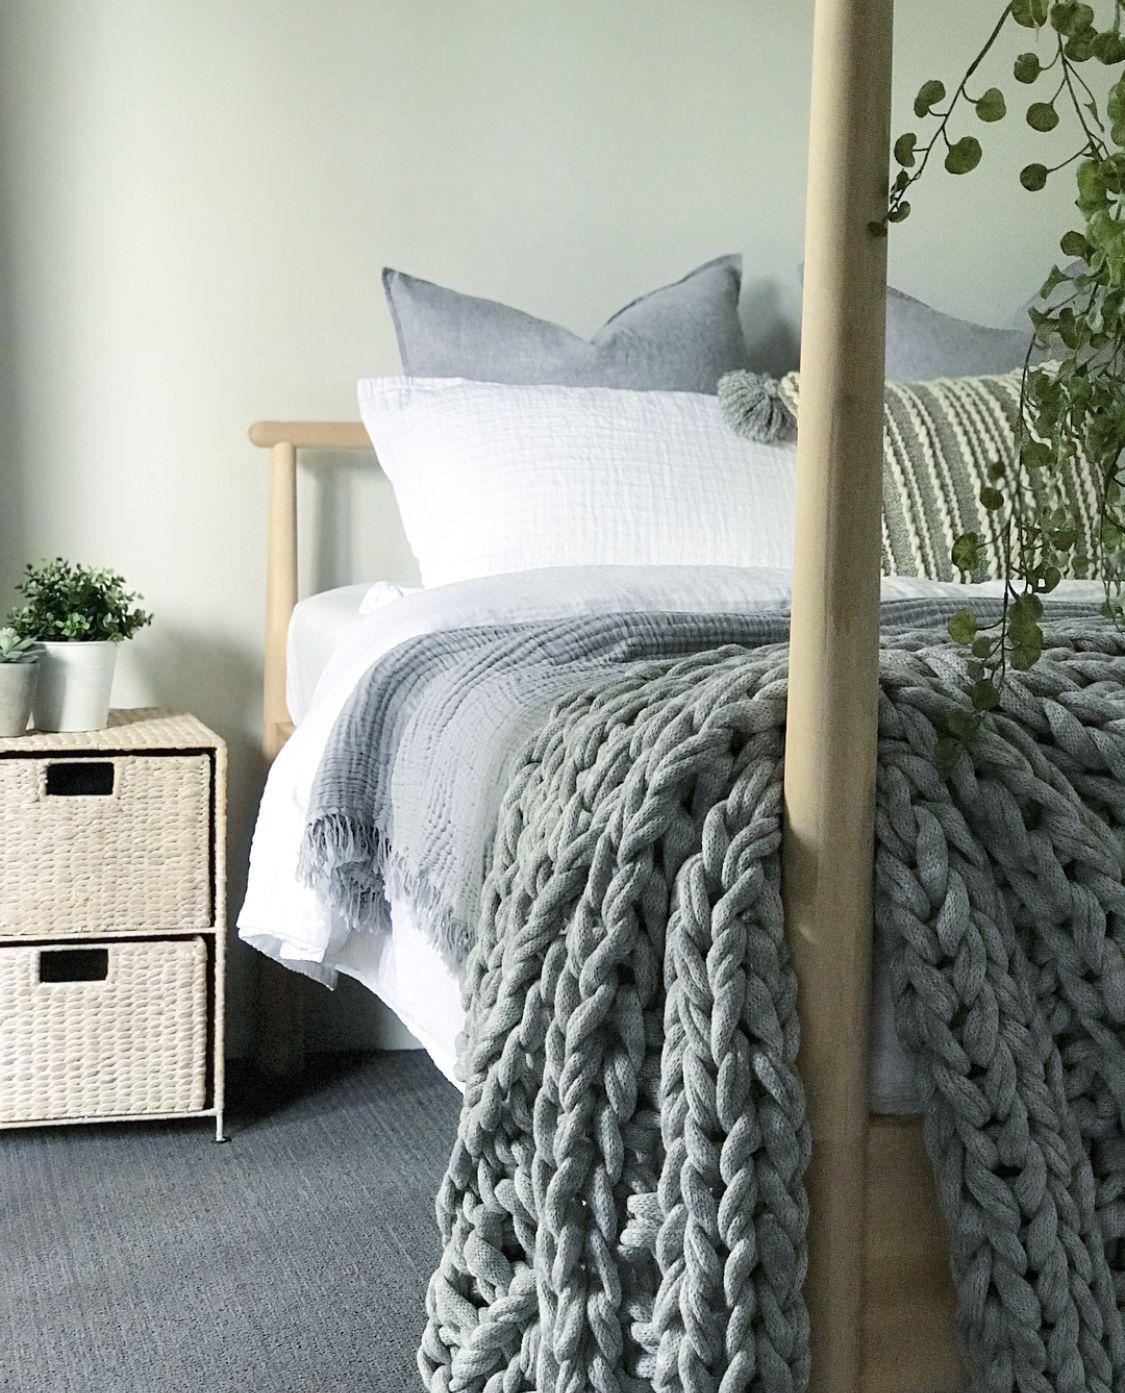 Ikea Gjora Bed Adairs Bed Linen Bedrooms In 2018 Pinterest